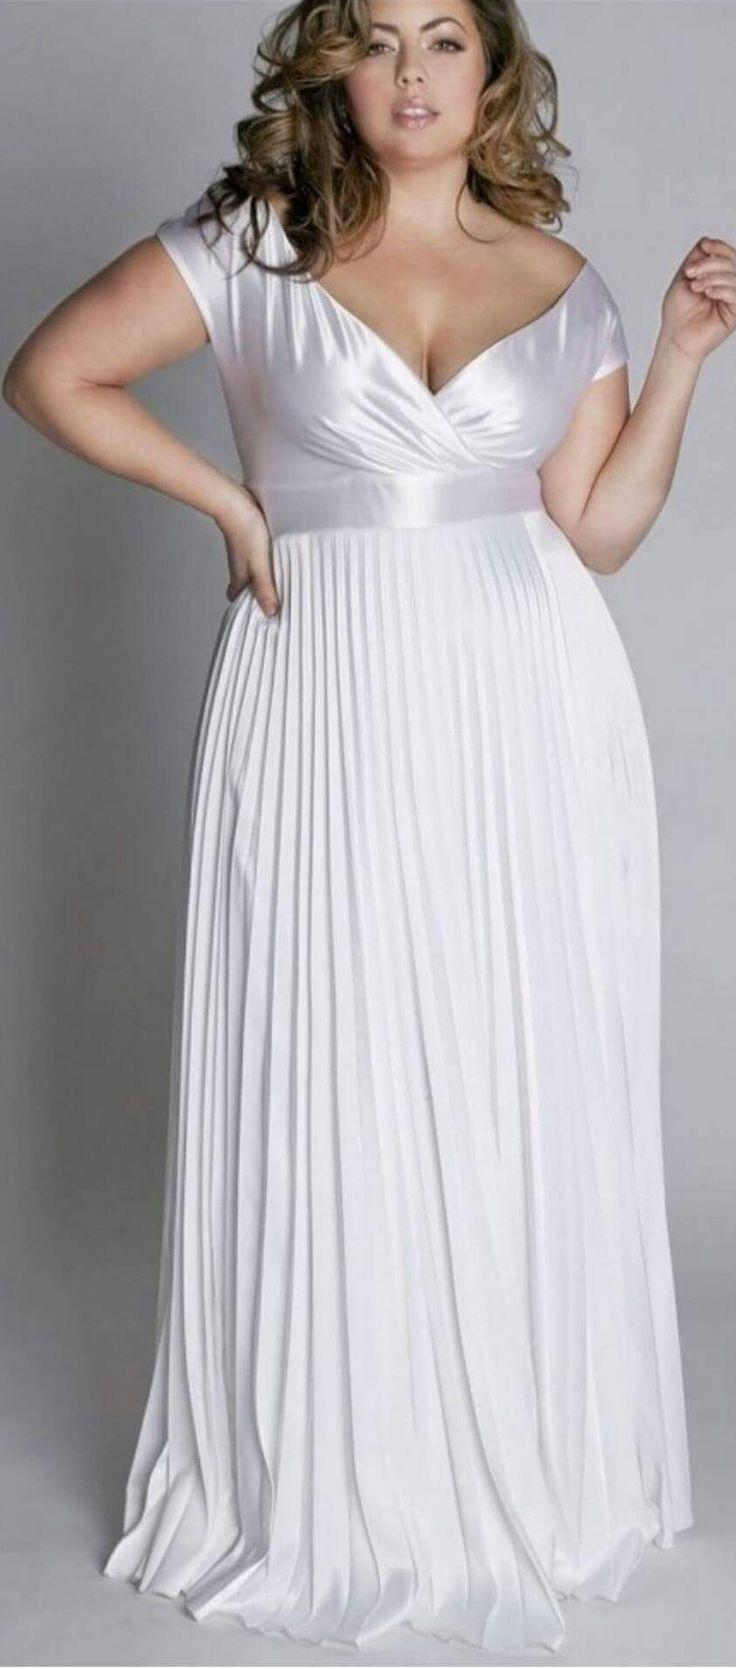 8 best wedding dresses for older brides images on for Plus size dress for wedding reception